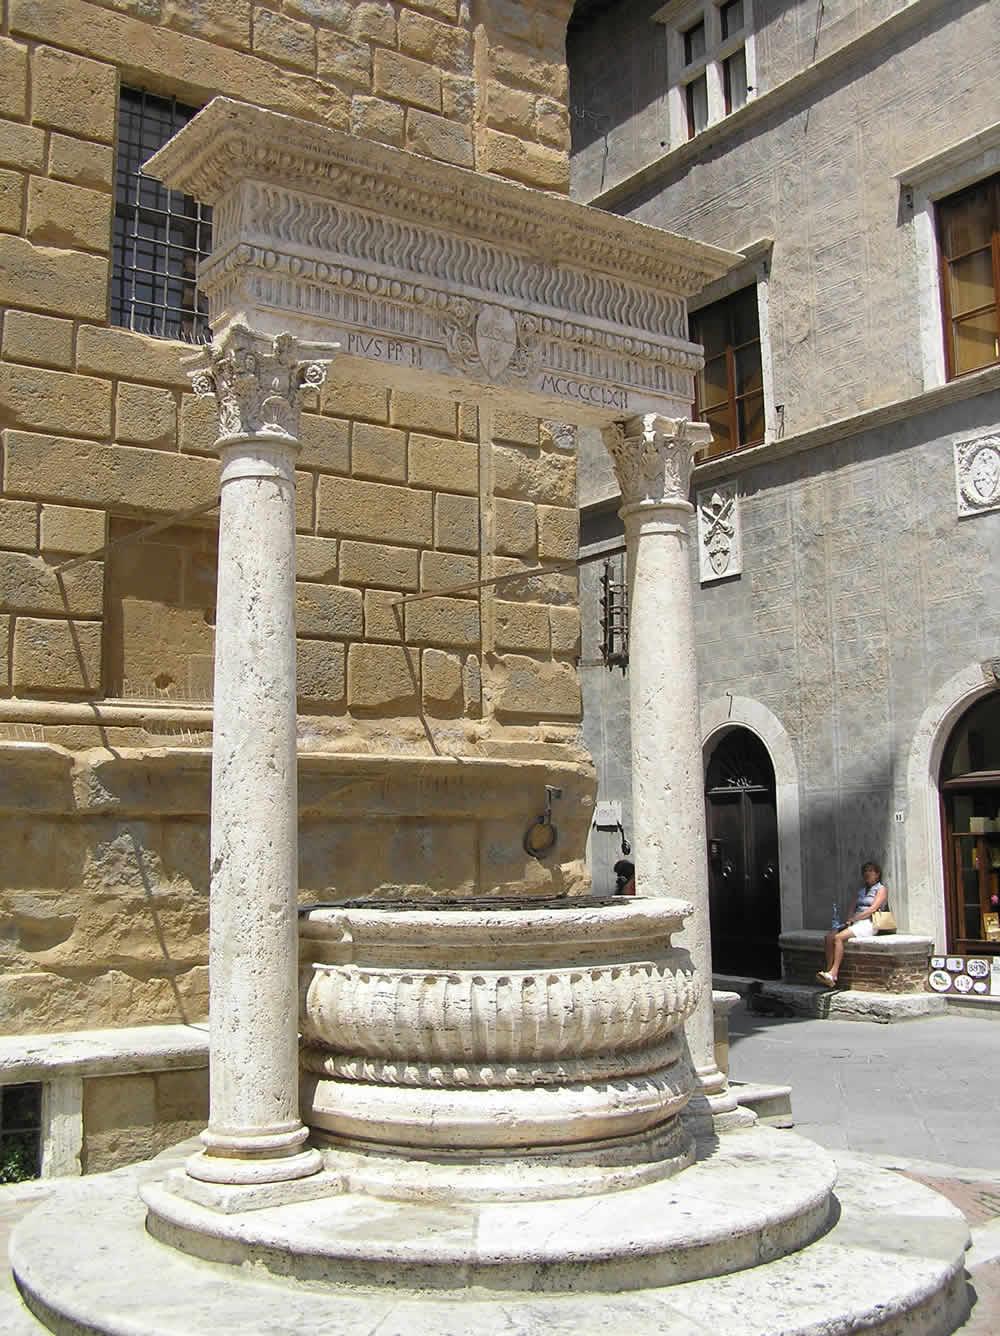 Pozzo del Rossellino, Pienza, Val d'Orcia, Siena. Author and Copyright Marco Ramerini